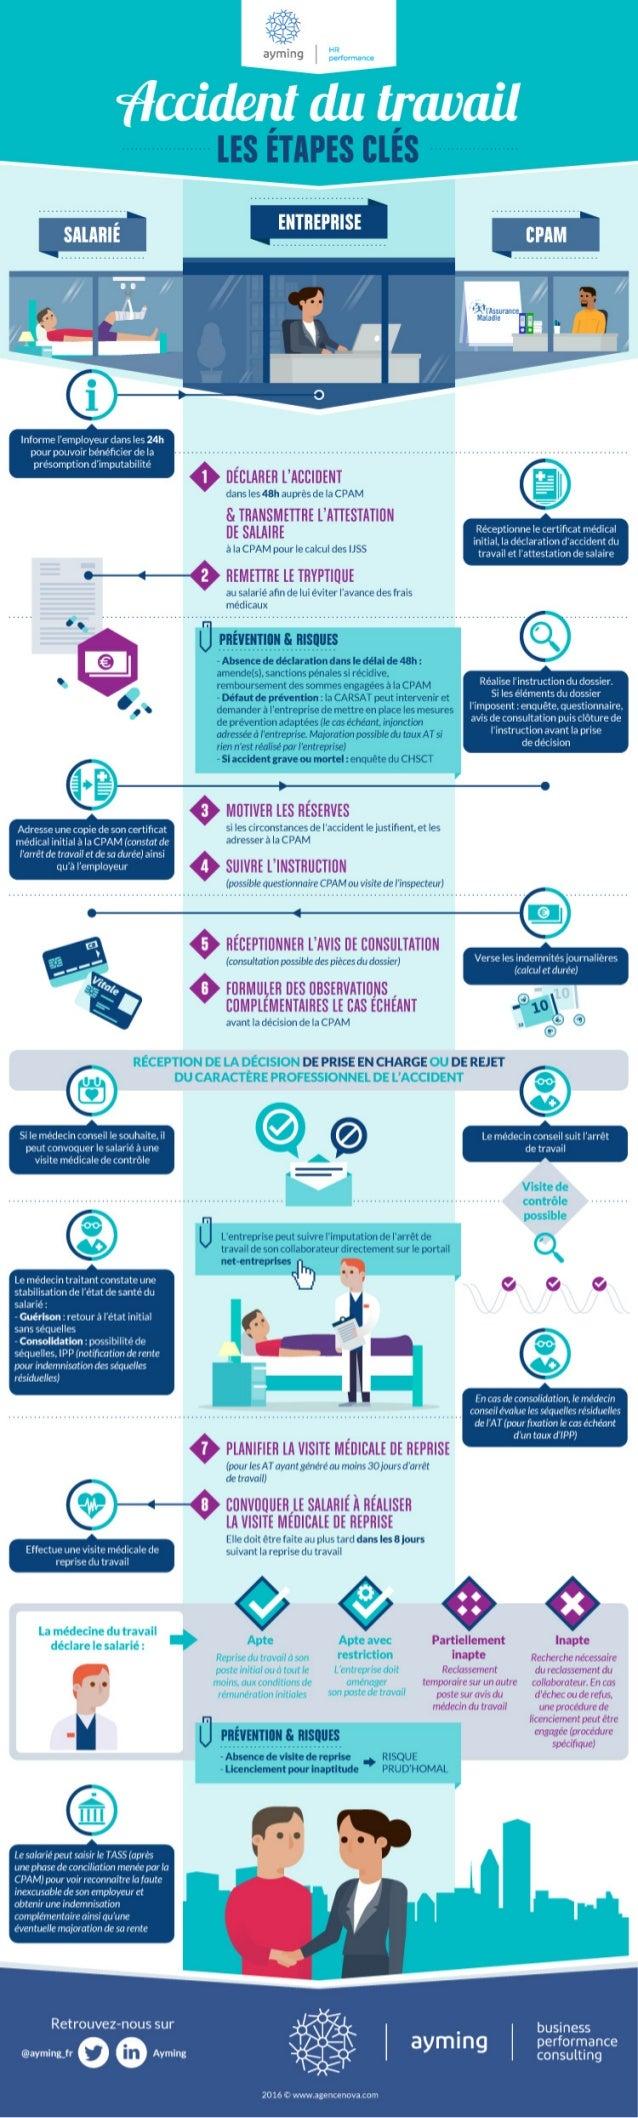 Infographie : Les étapes clés d'un accident du travail